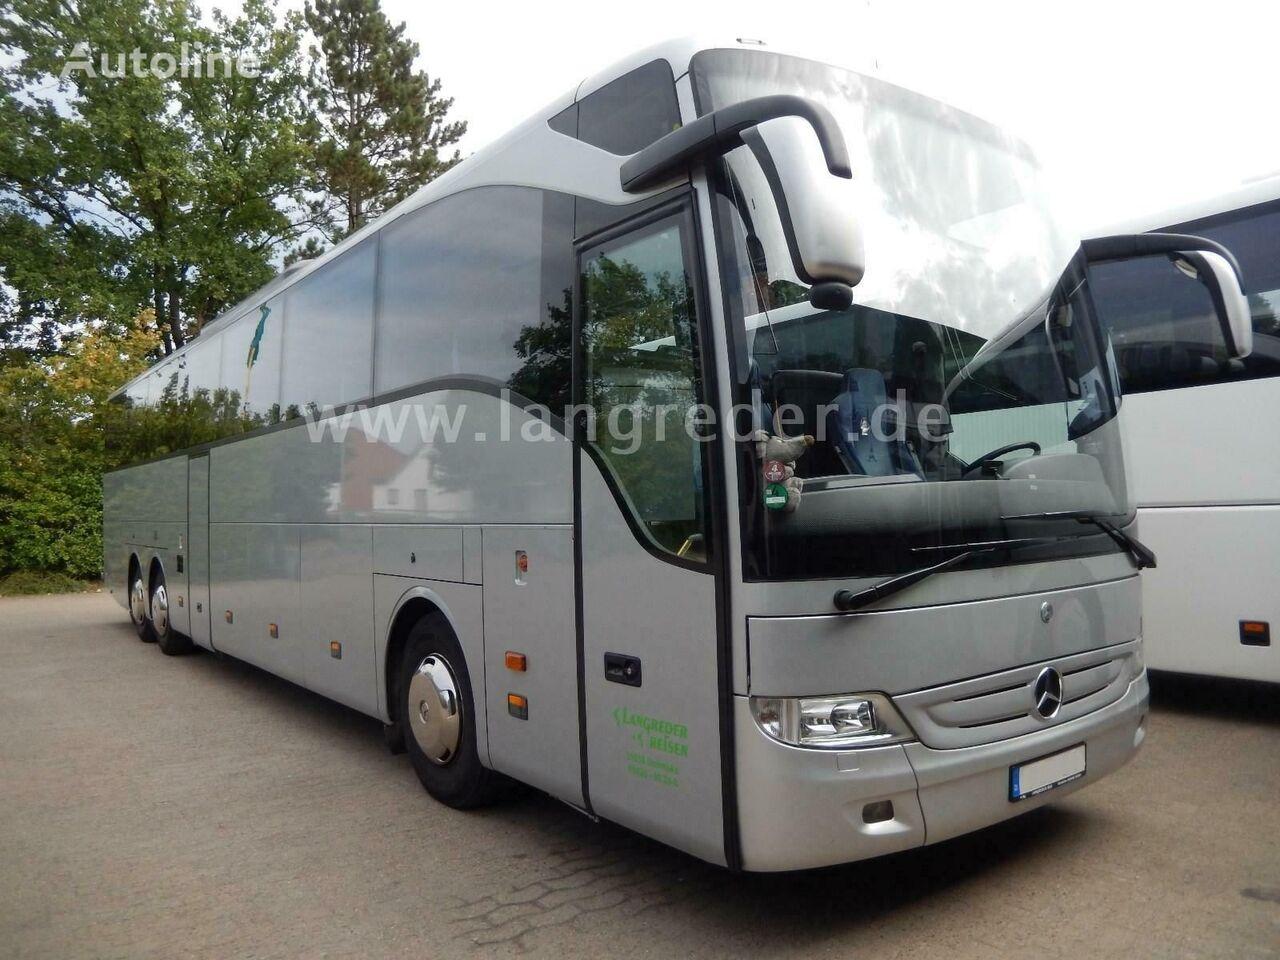 τουριστικό λεωφορείο MERCEDES-BENZ Tourismo RHD-L